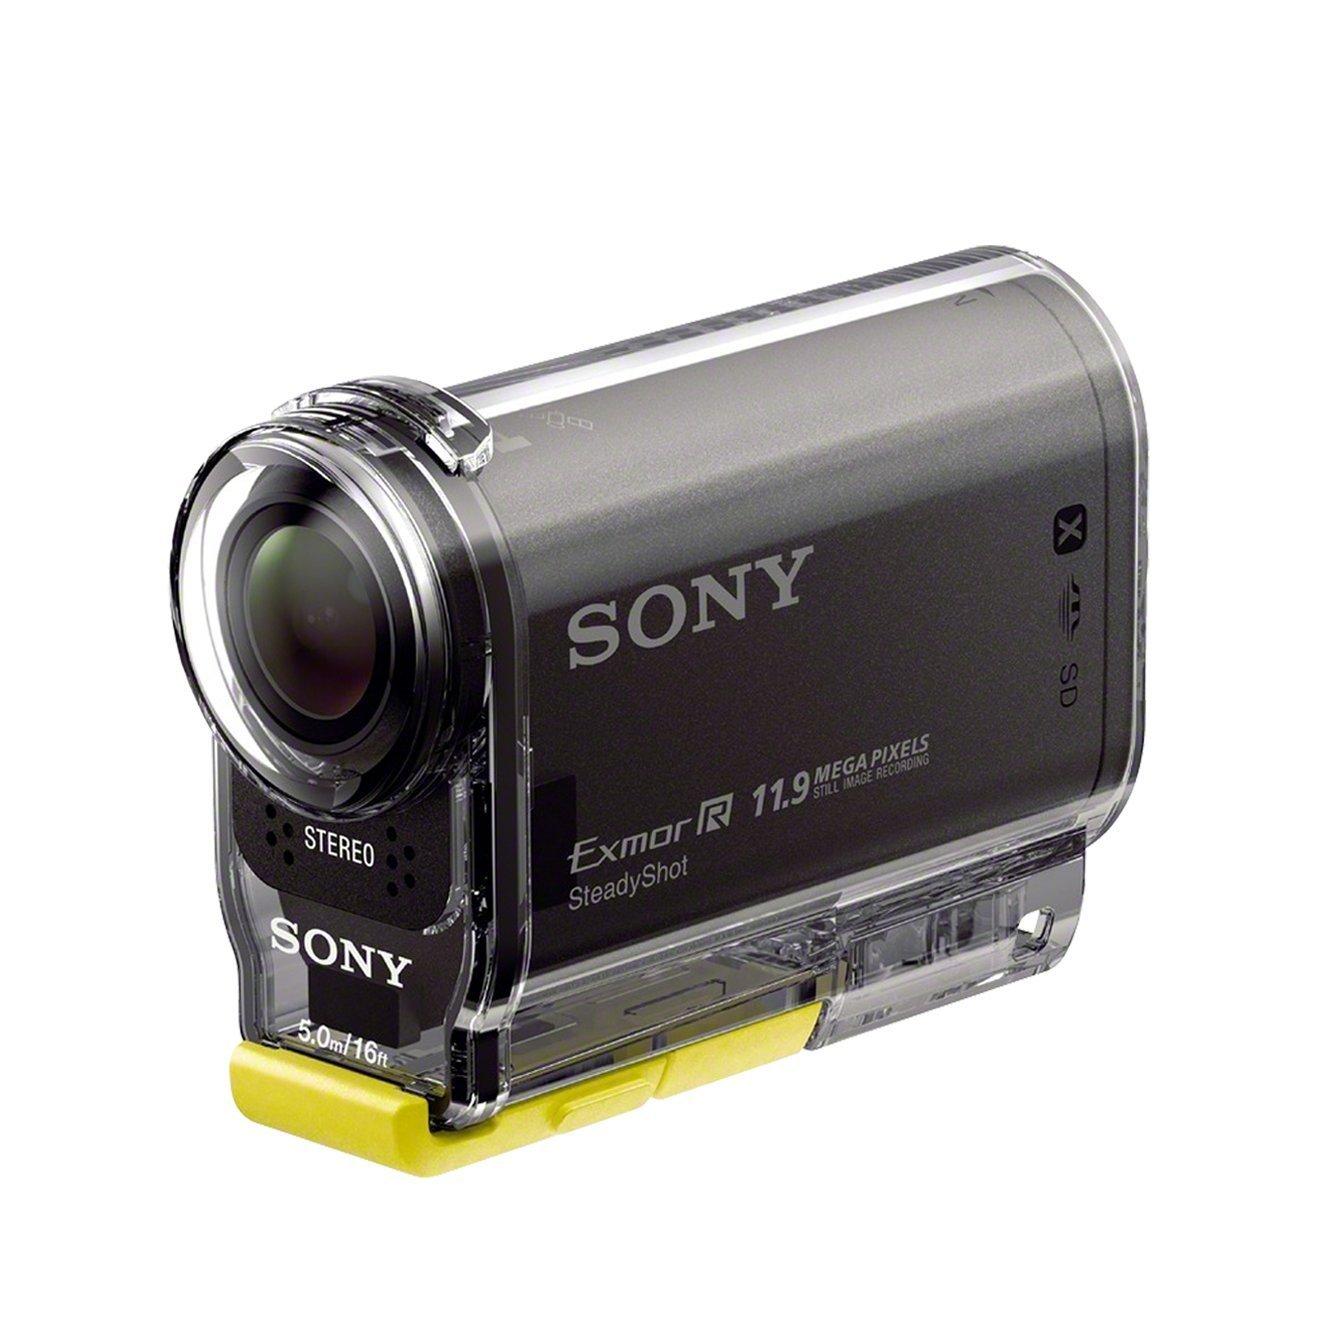 Sony HDR-AS30 Winter Edition - Videocámara deportiva de 16.8 Mp (Full HD, GPS, WiFi, NFC, estabilizador digital), negro - kit con montura de muñeca y diadema de montaje en la cabeza